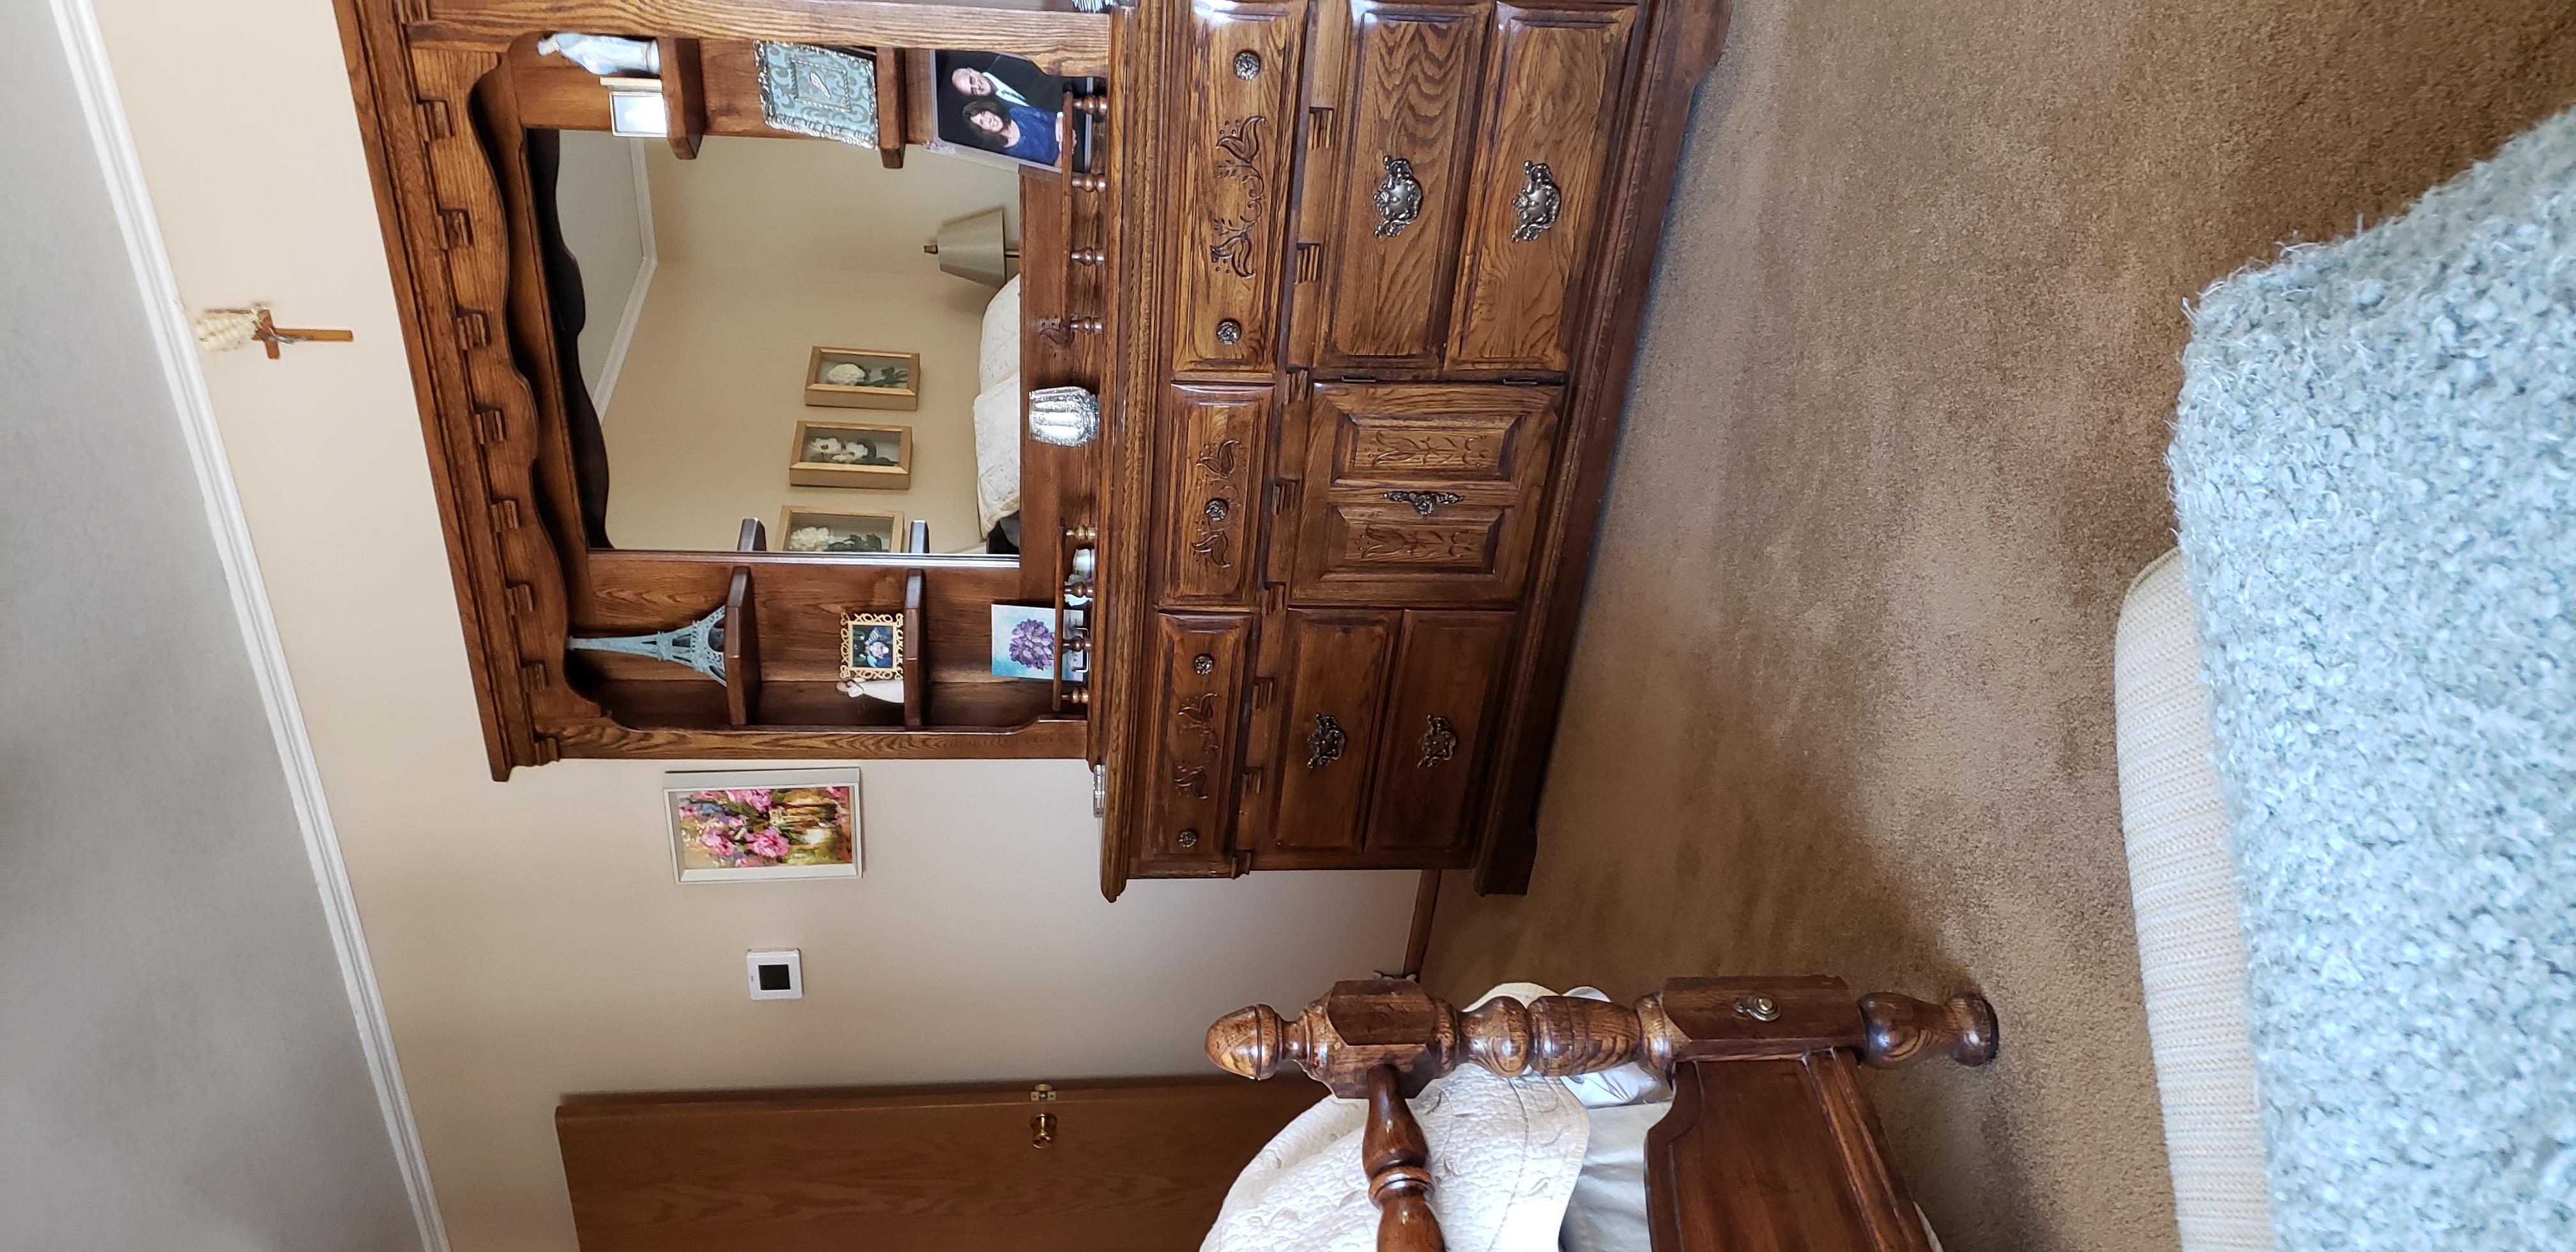 2058 HIllside Ave Mondamin bedroom3